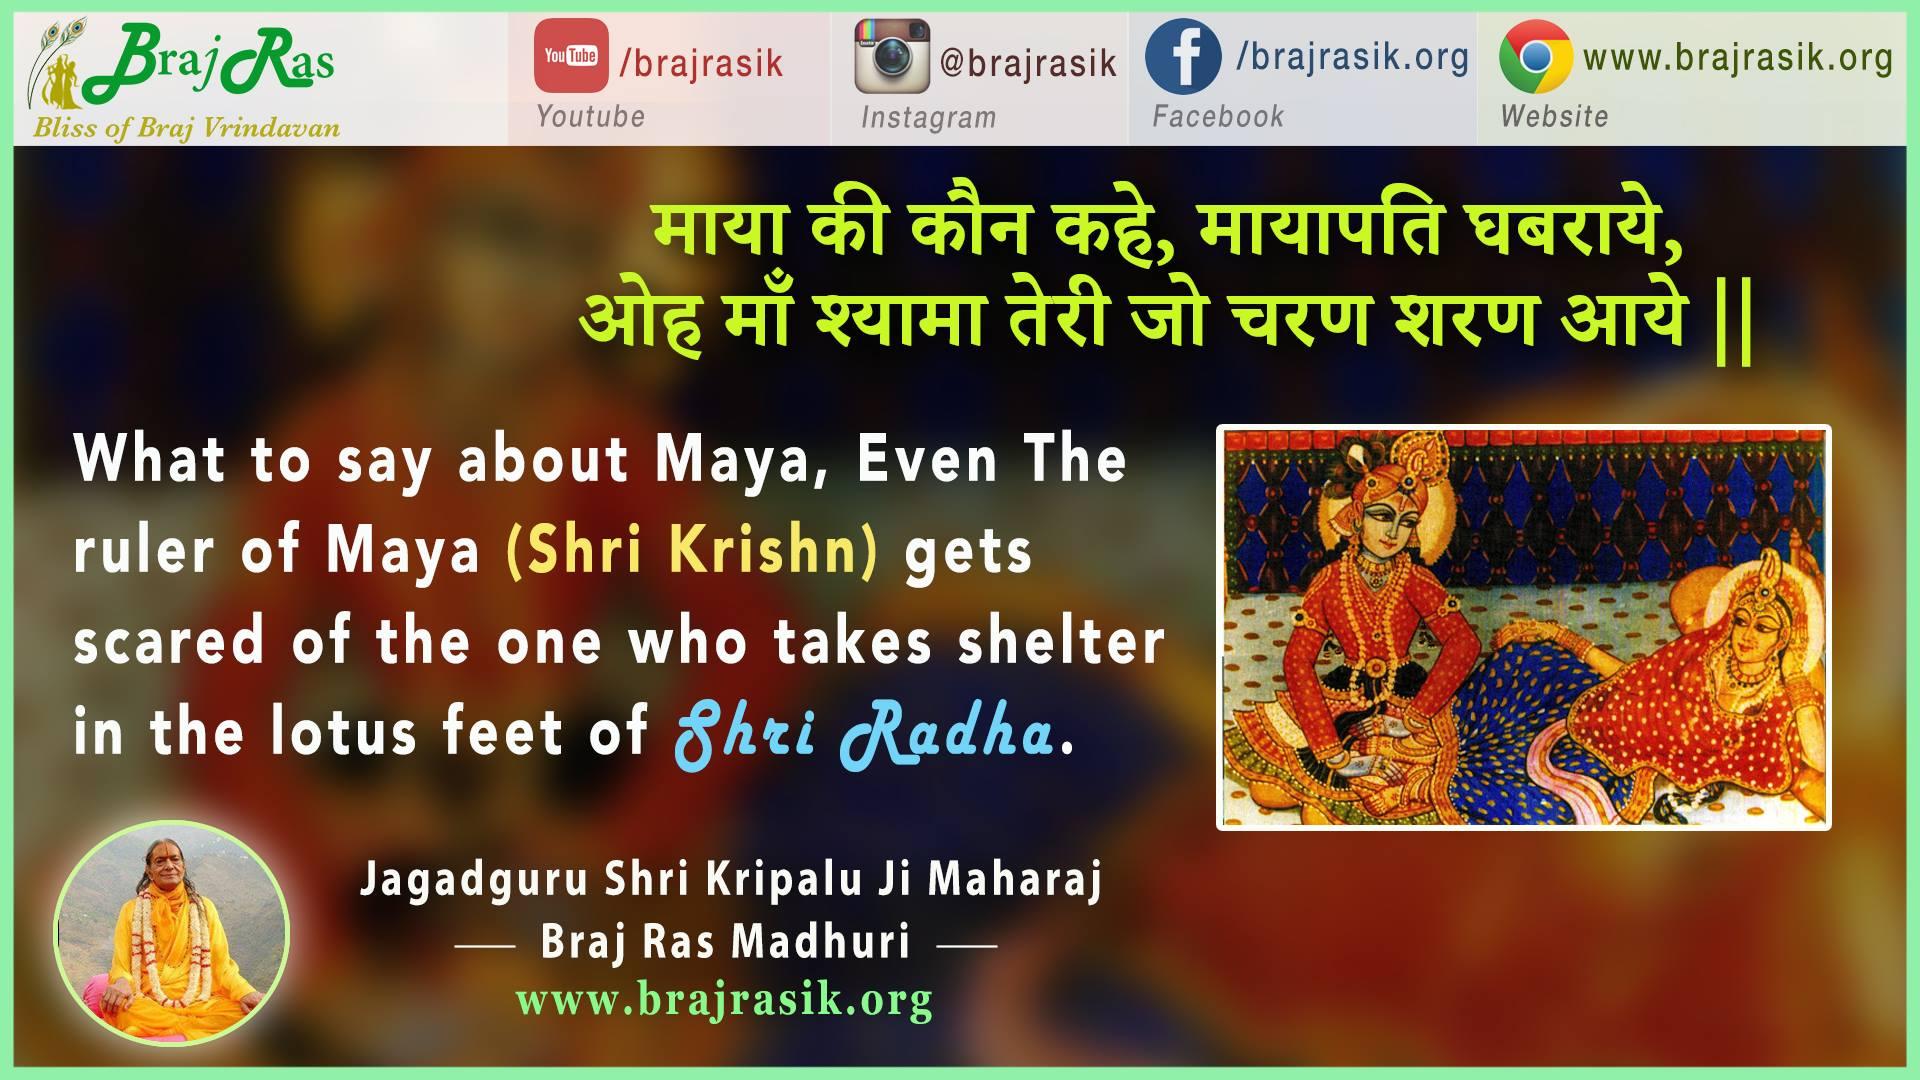 Maya Ki Kaun Kahe, Mayapati Ghabraaye - Jagadguru Shri Kripalu Ji Maharaj, Braj Ras Madhuri